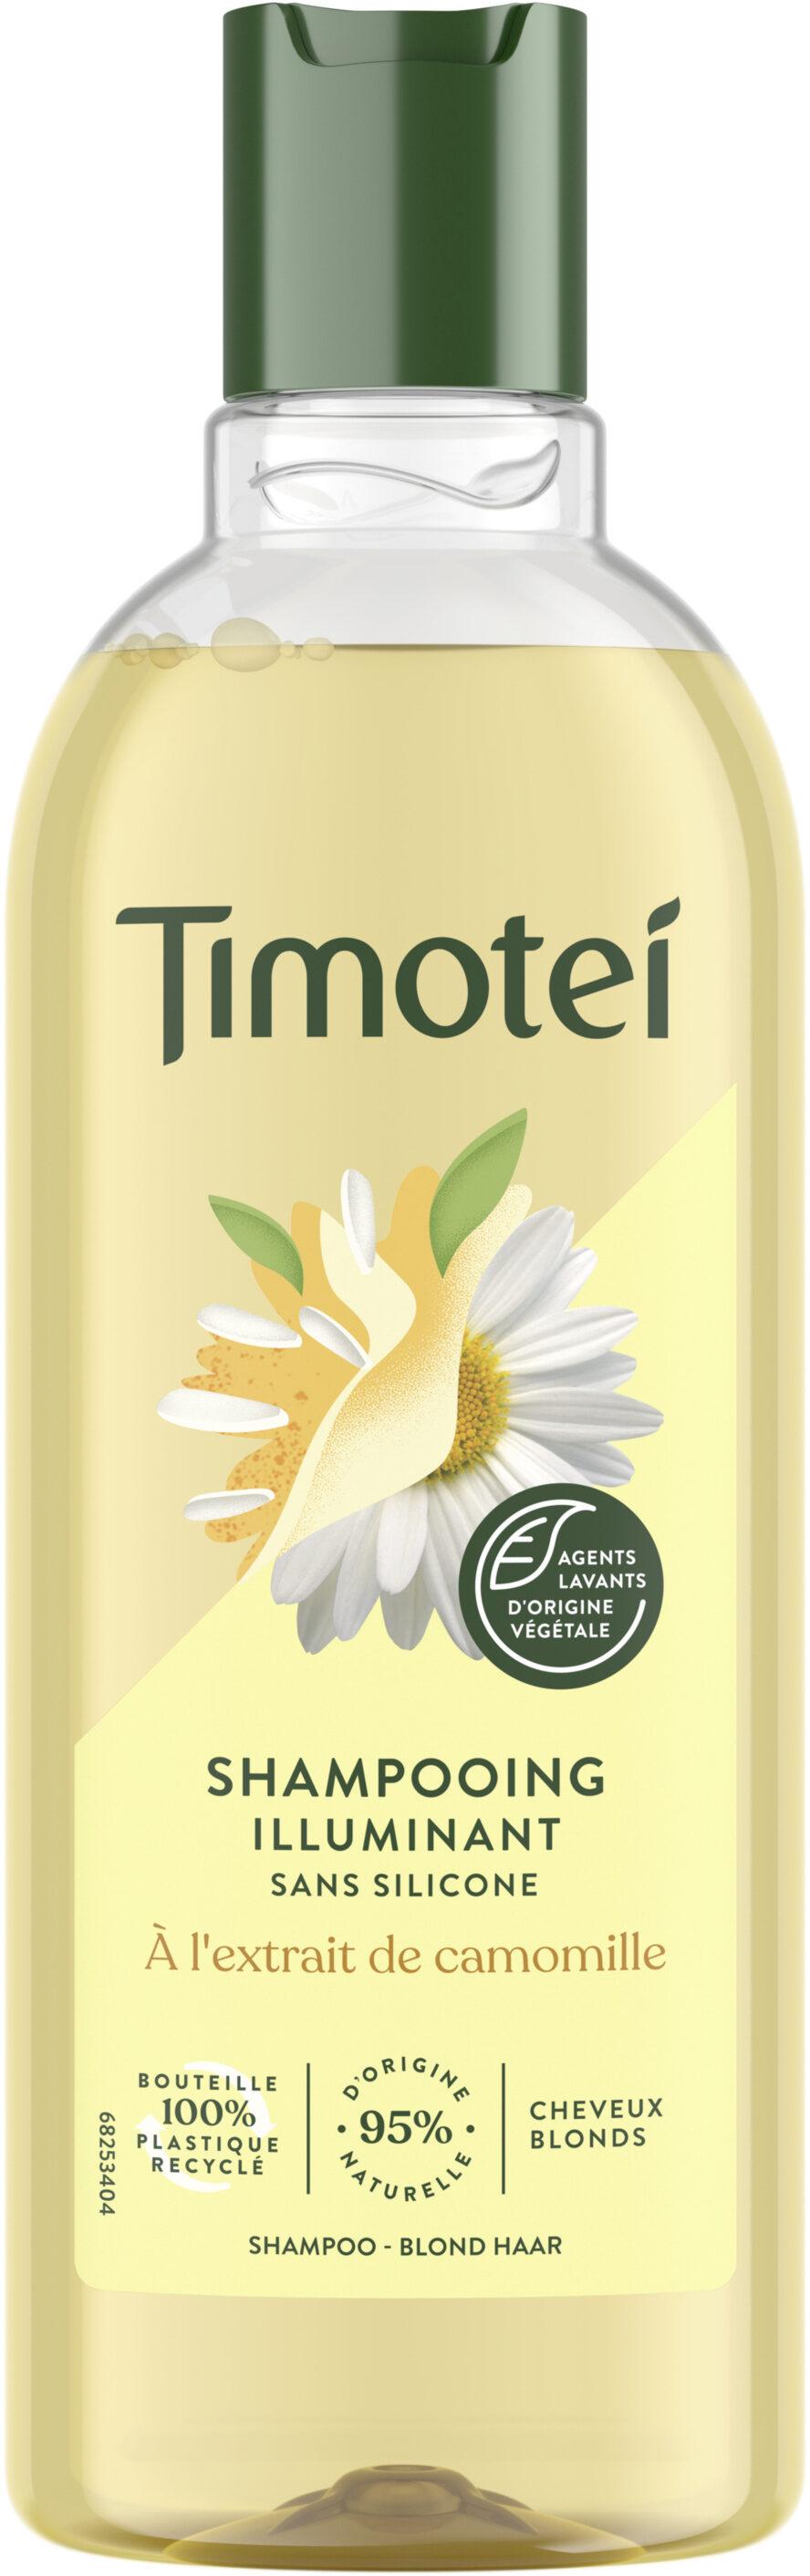 Timotei Shampooing Femme Illuminant - Produit - fr